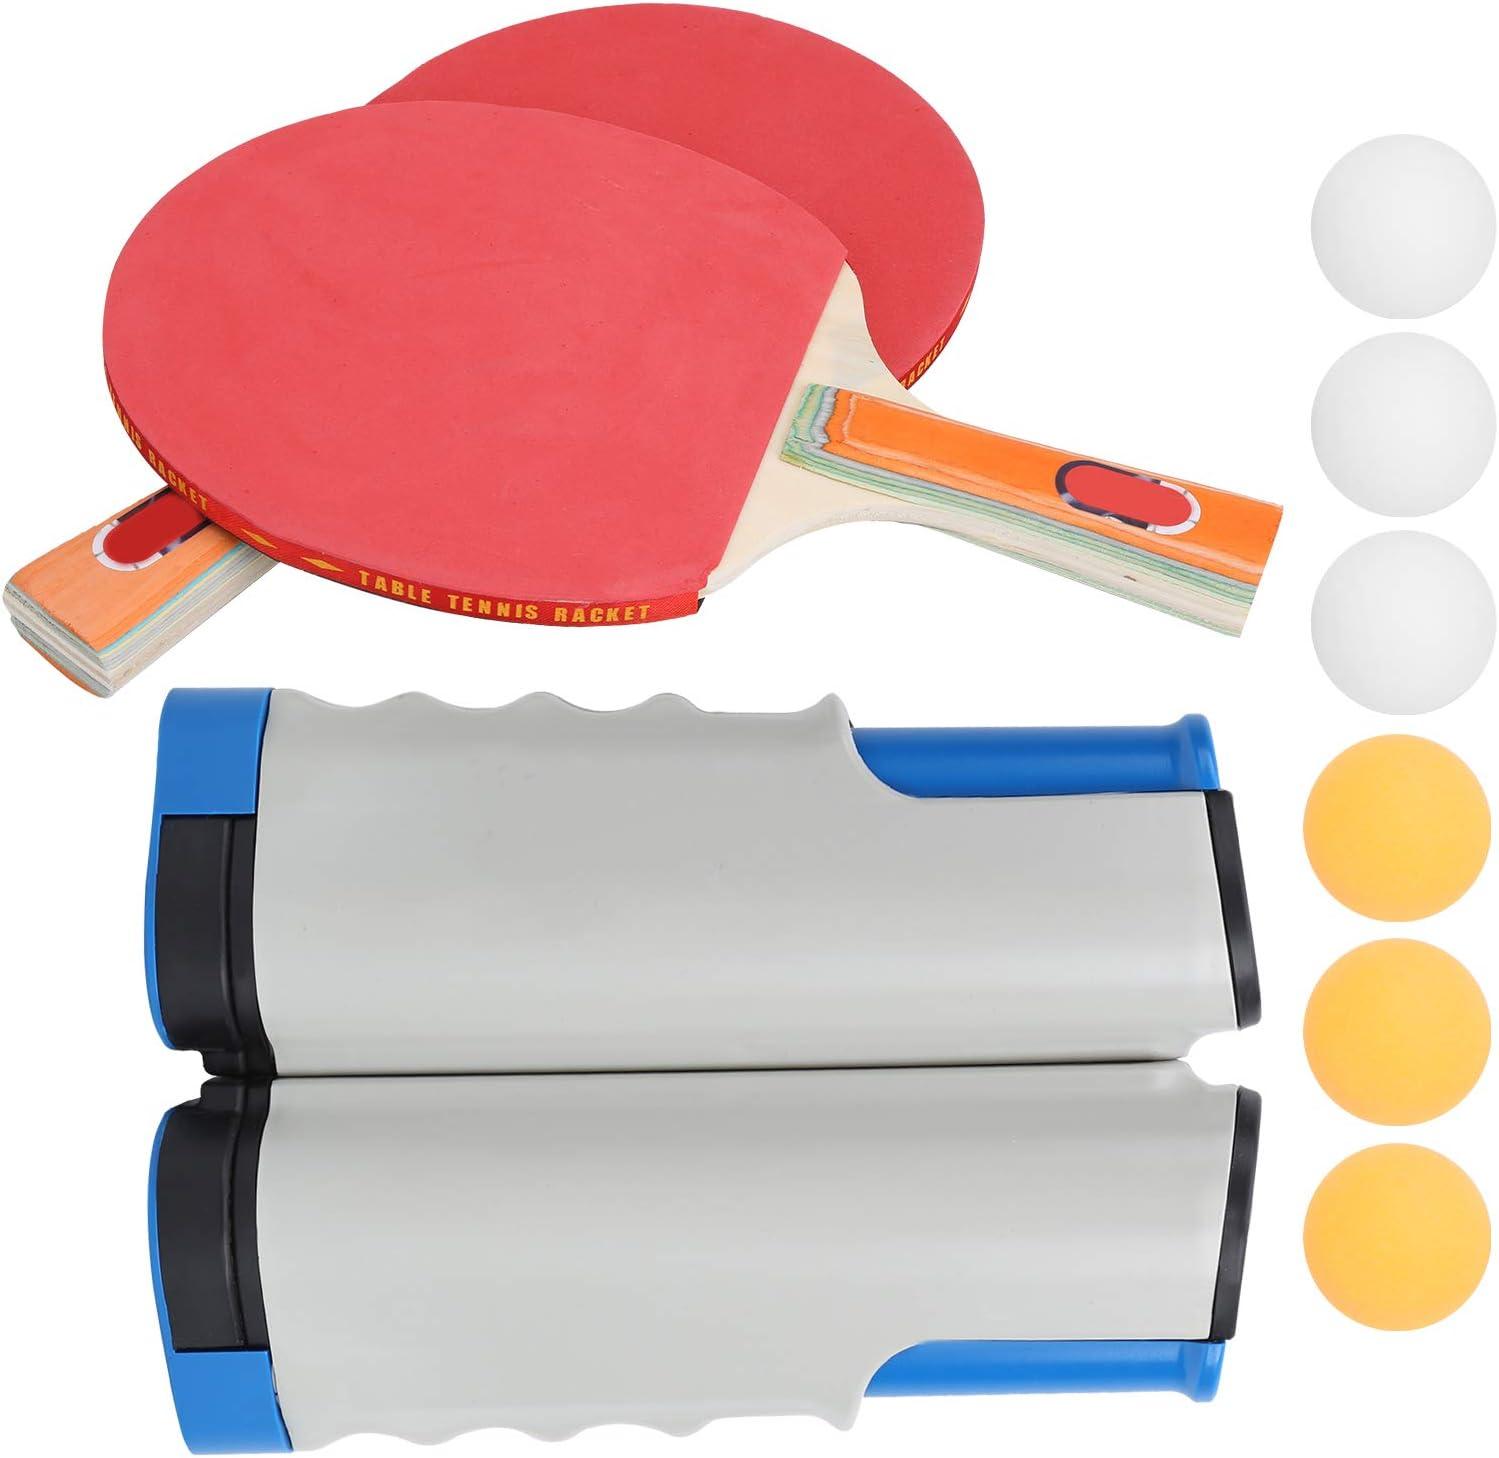 KASD Juego de Tenis de Mesa, no se deslizará Fácil de Instalar Construir Músculo Herramienta de Entrenamiento de Tenis de Mesa Material ABS para Juegos recreativos